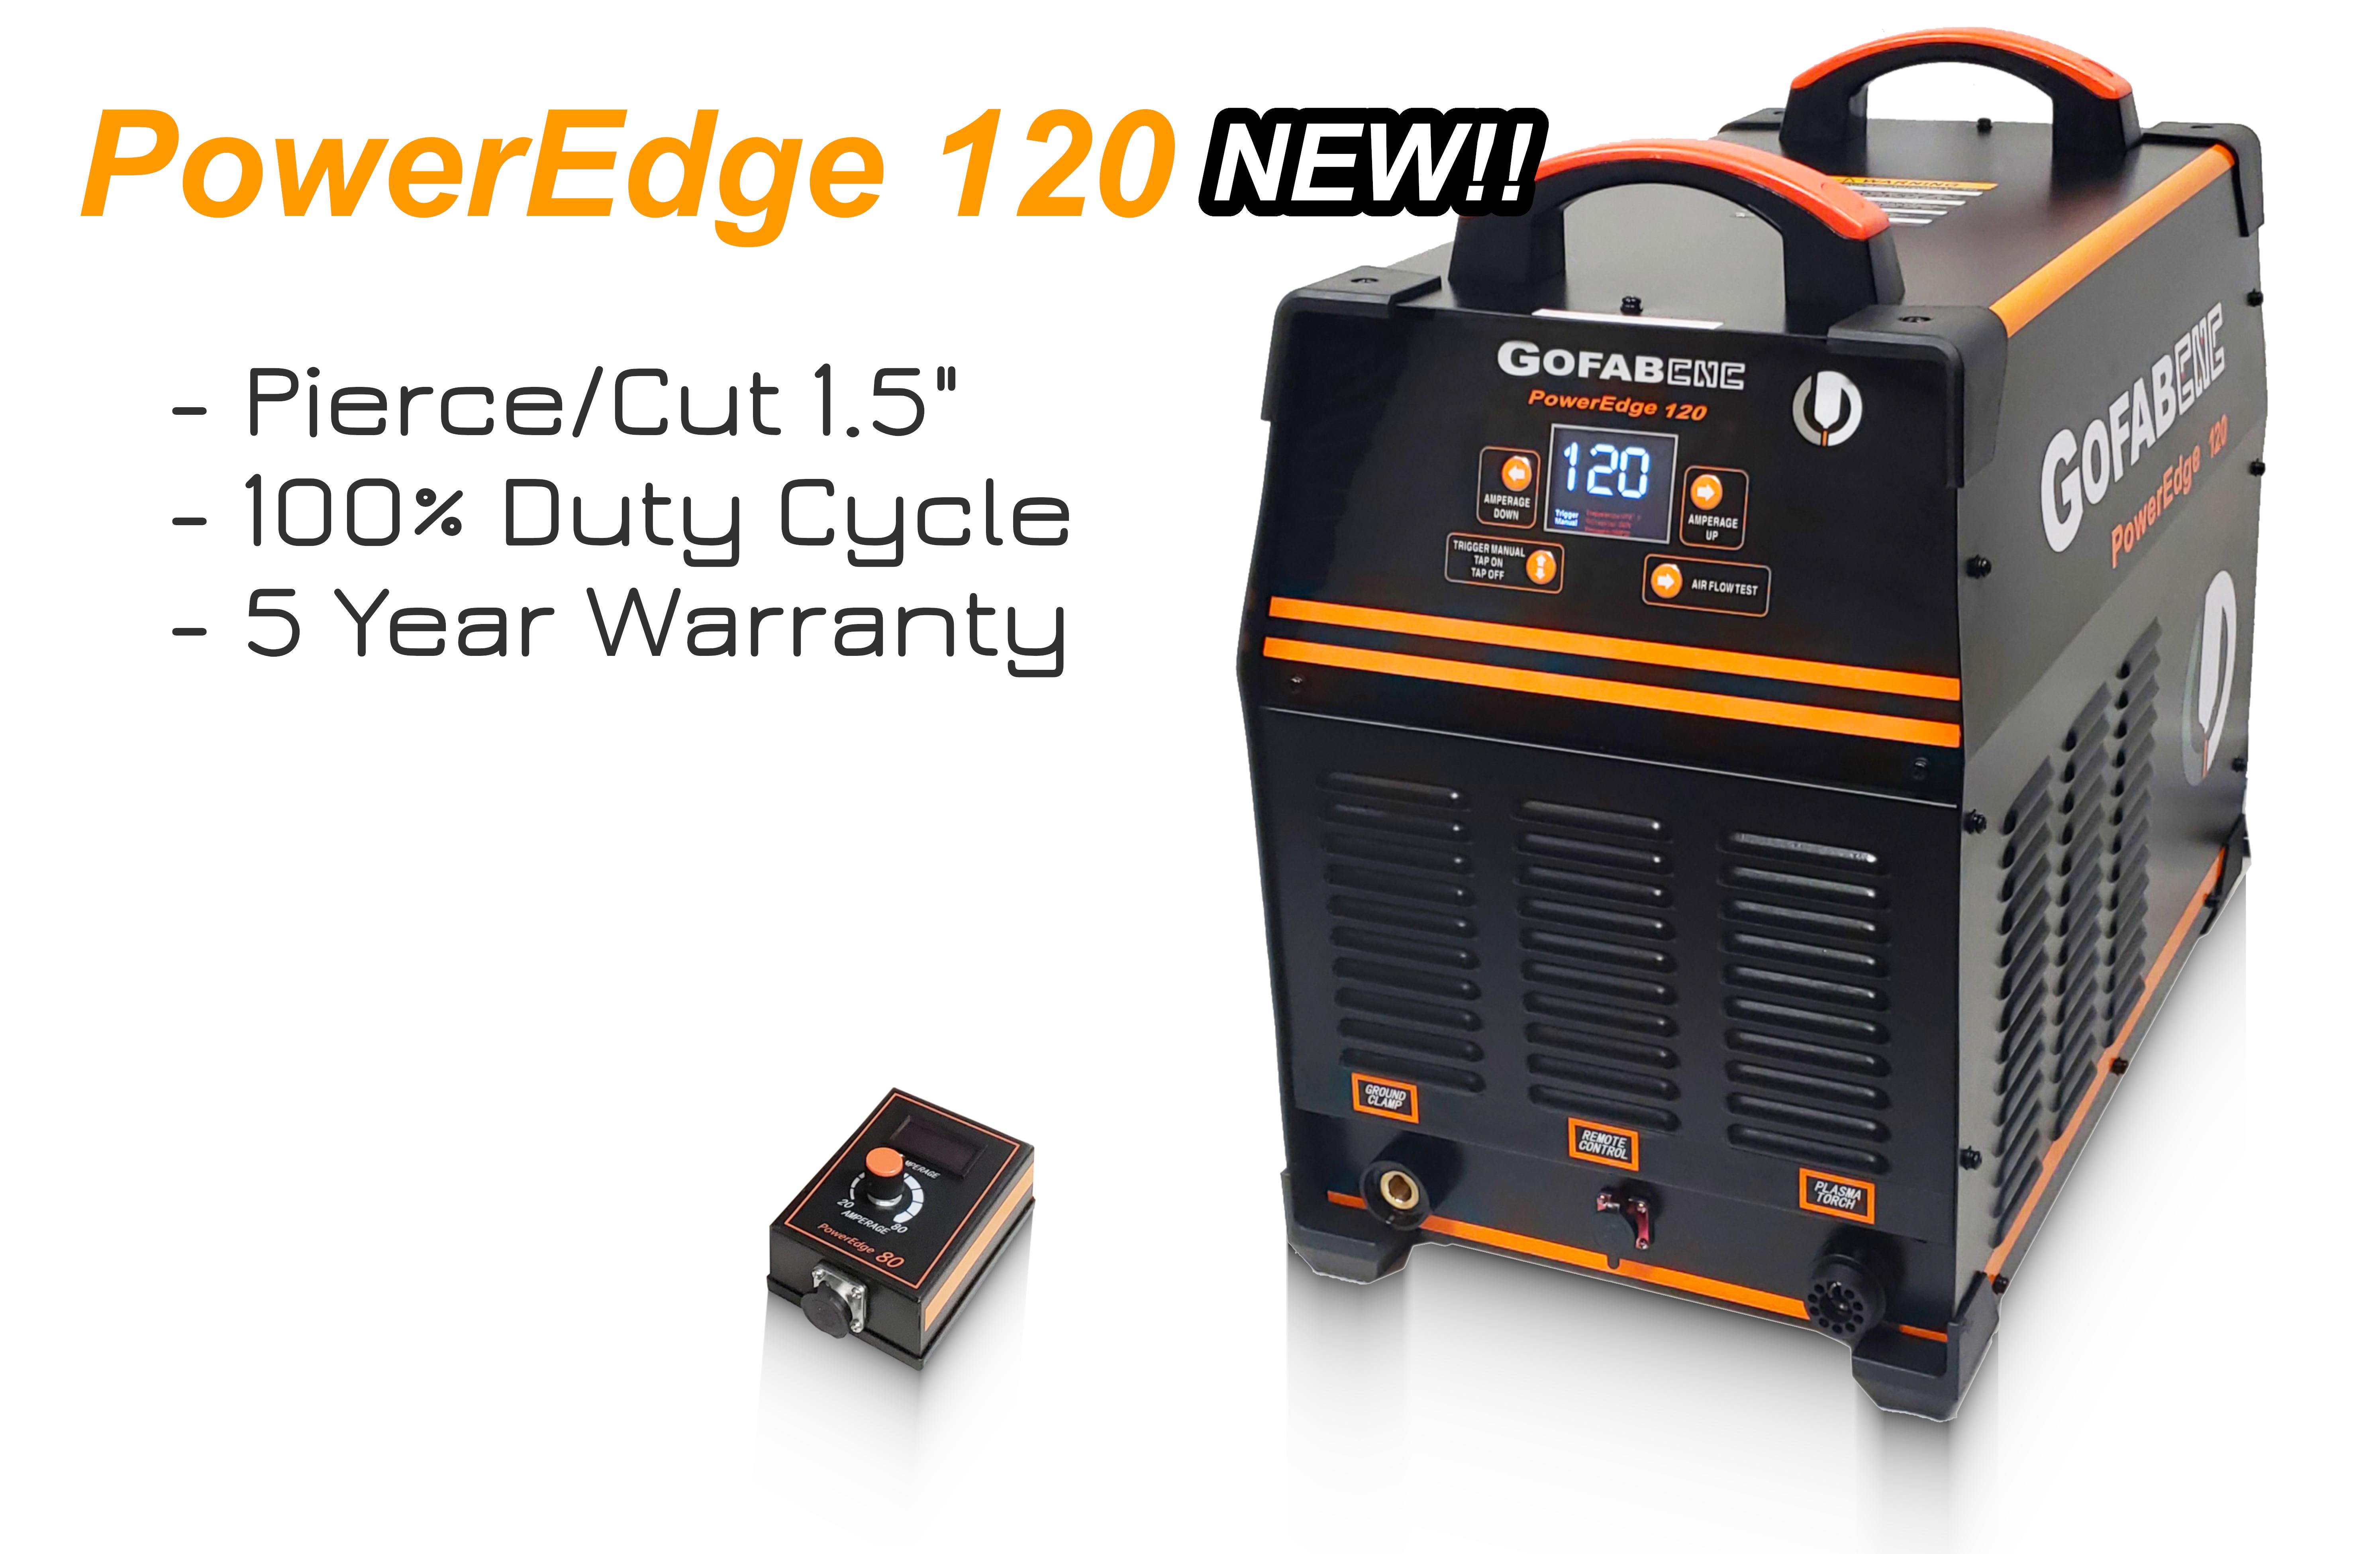 poweredge120new